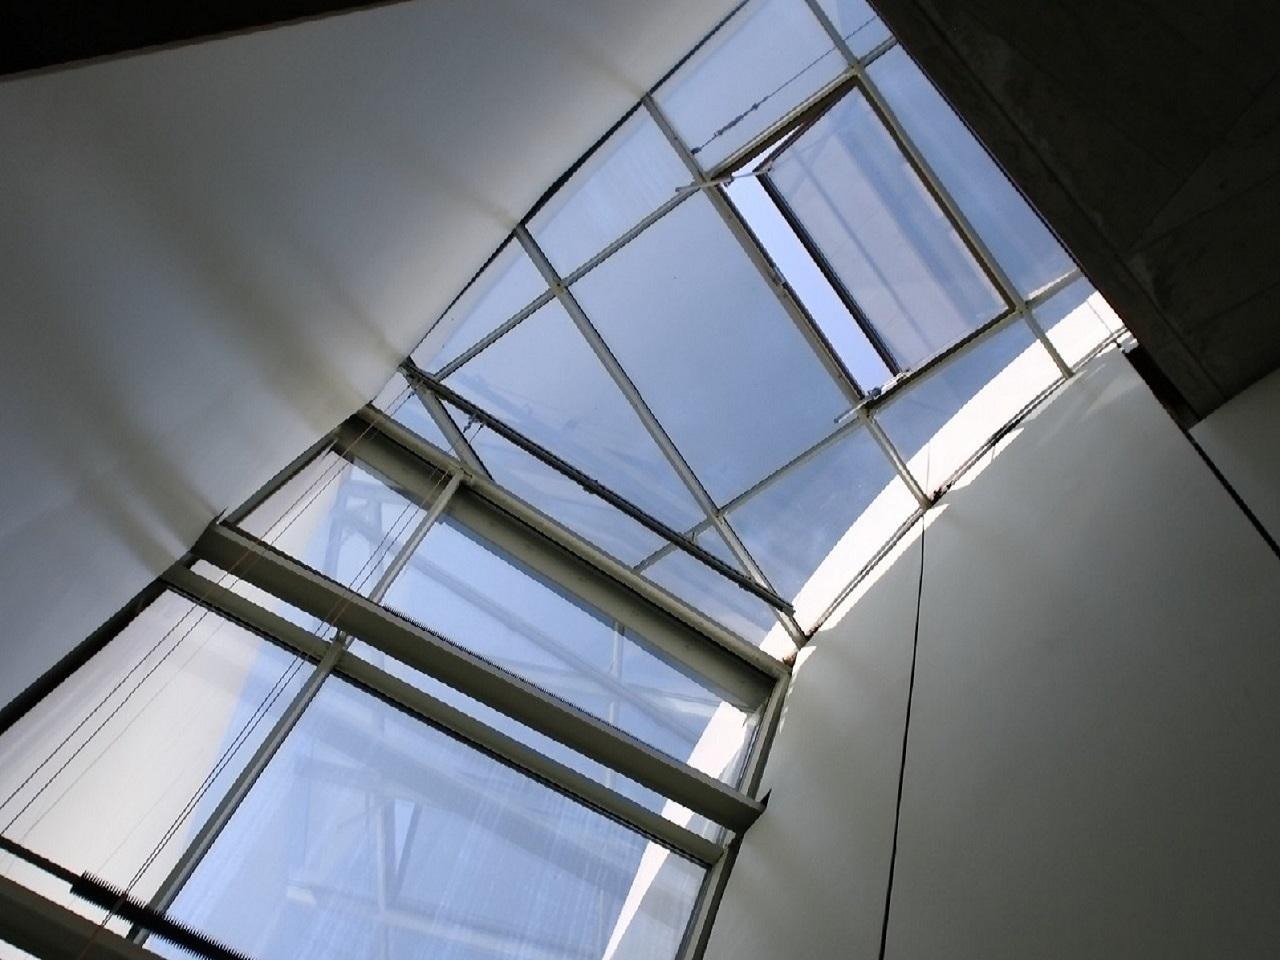 Modern Art - UVA Sonnenschutz